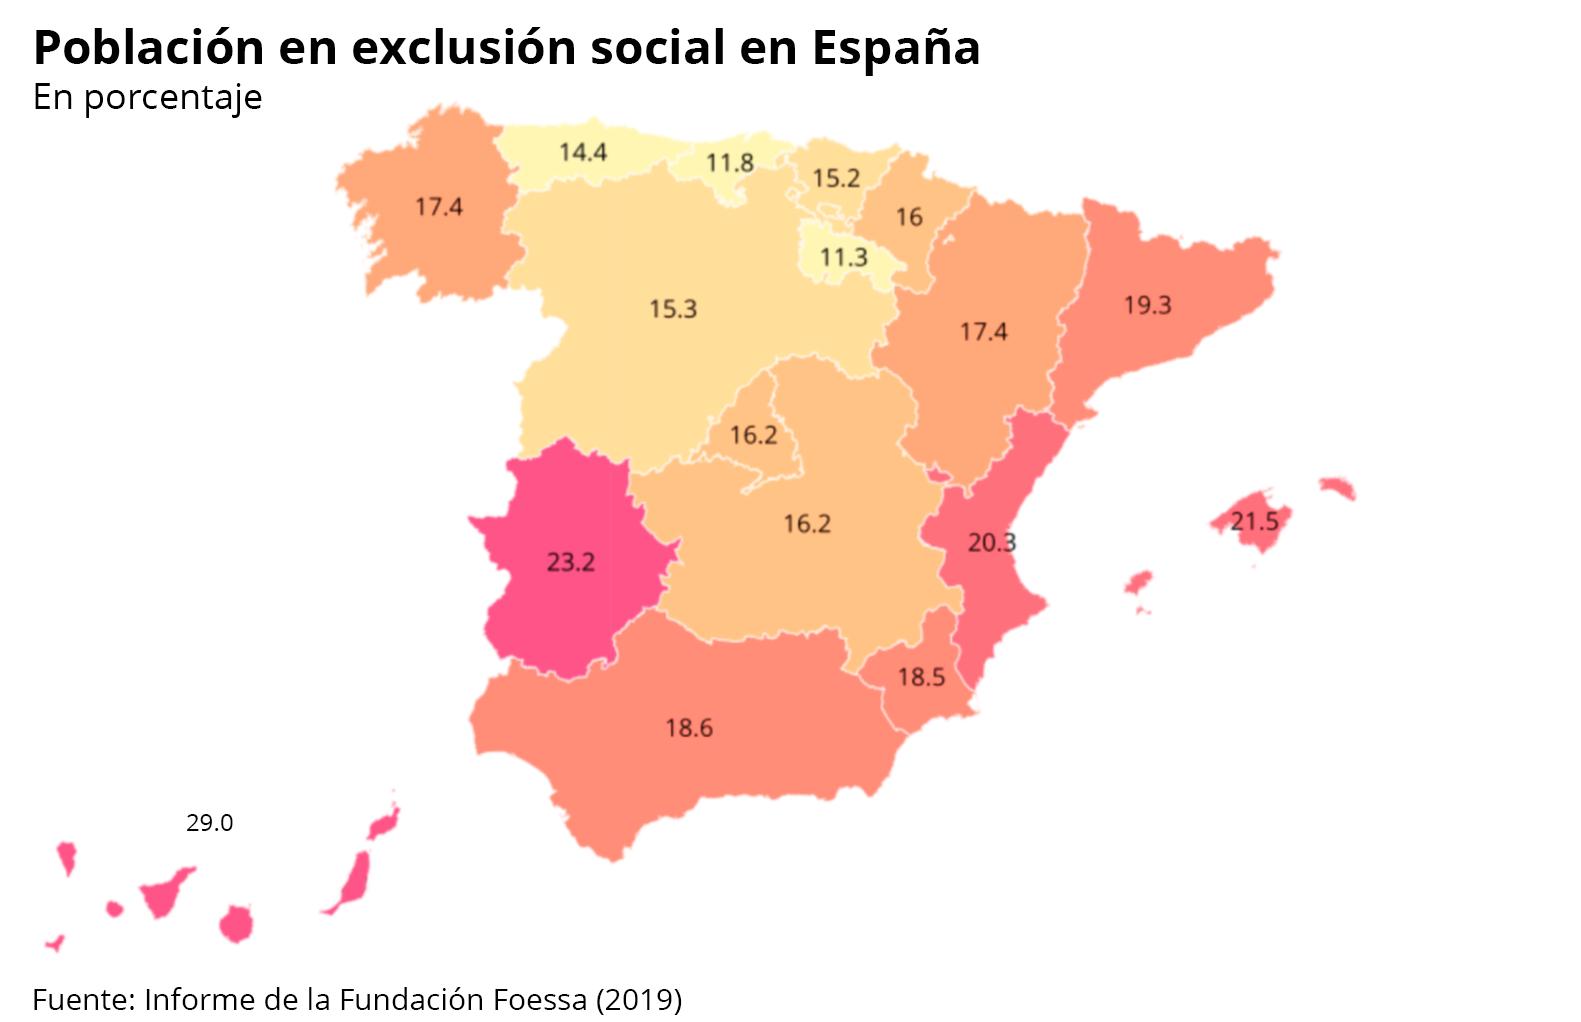 Porcentaje de población que se encuentra en exclusión social en España. En las Islas Canarias es donde hay más personas en exclusión social y en La Rioja donde menos